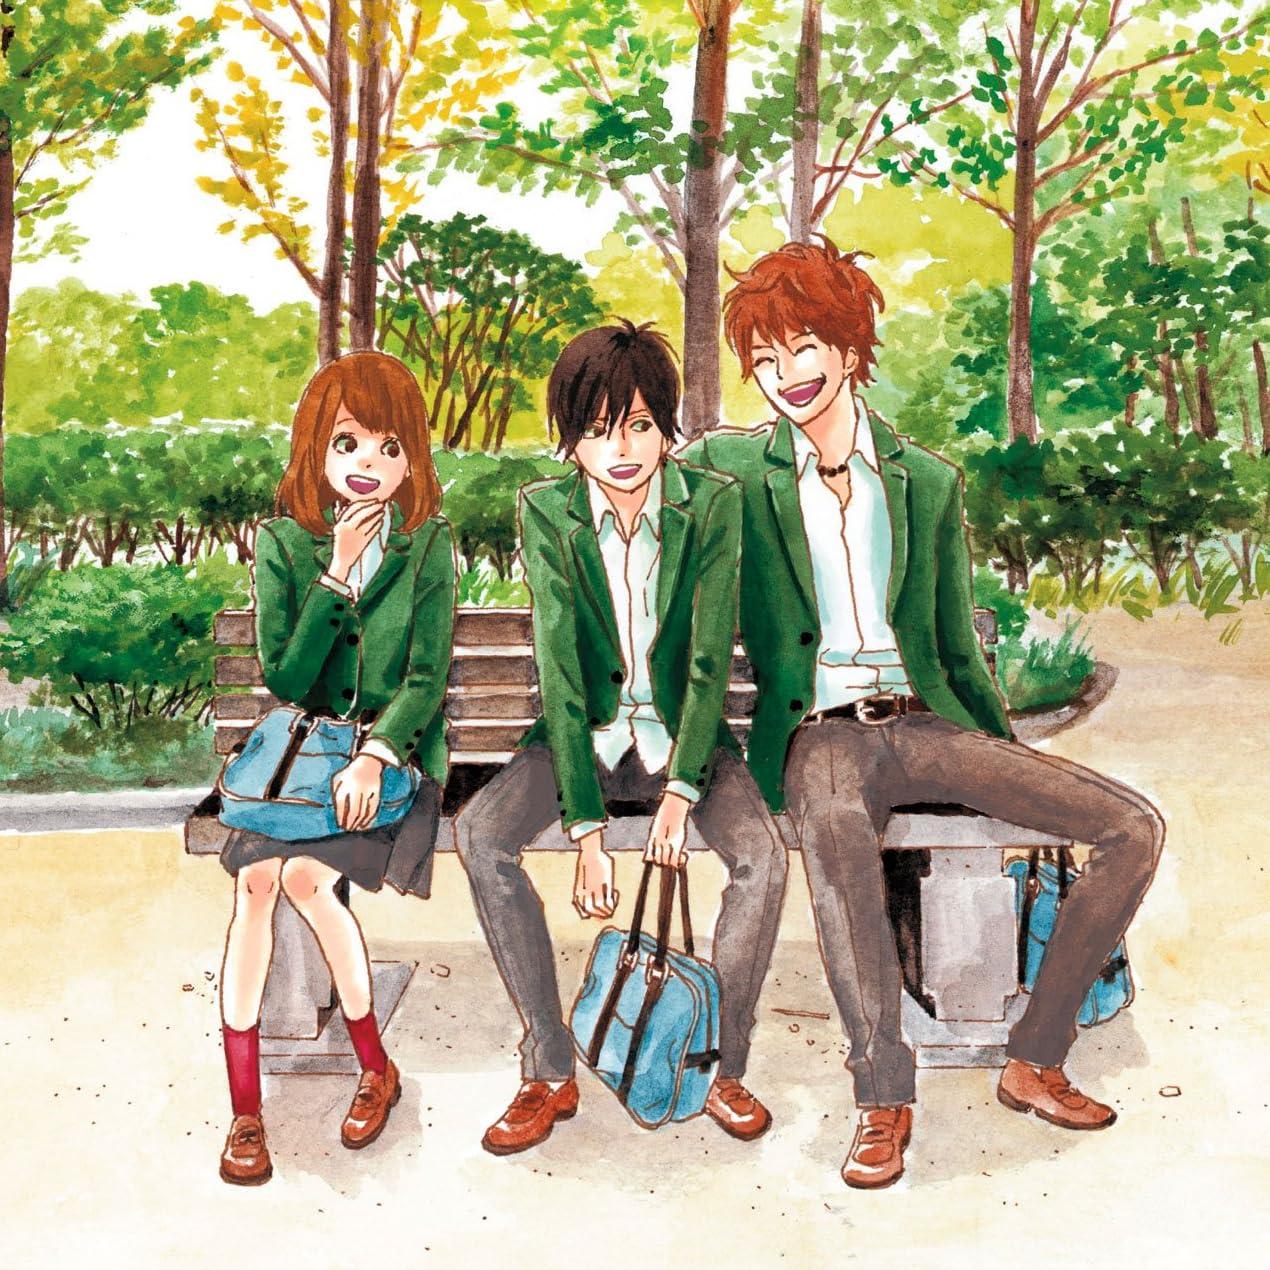 Orange 成瀬翔 高宮菜穂 須和弘人 Ipad壁紙 画像54281 スマポ